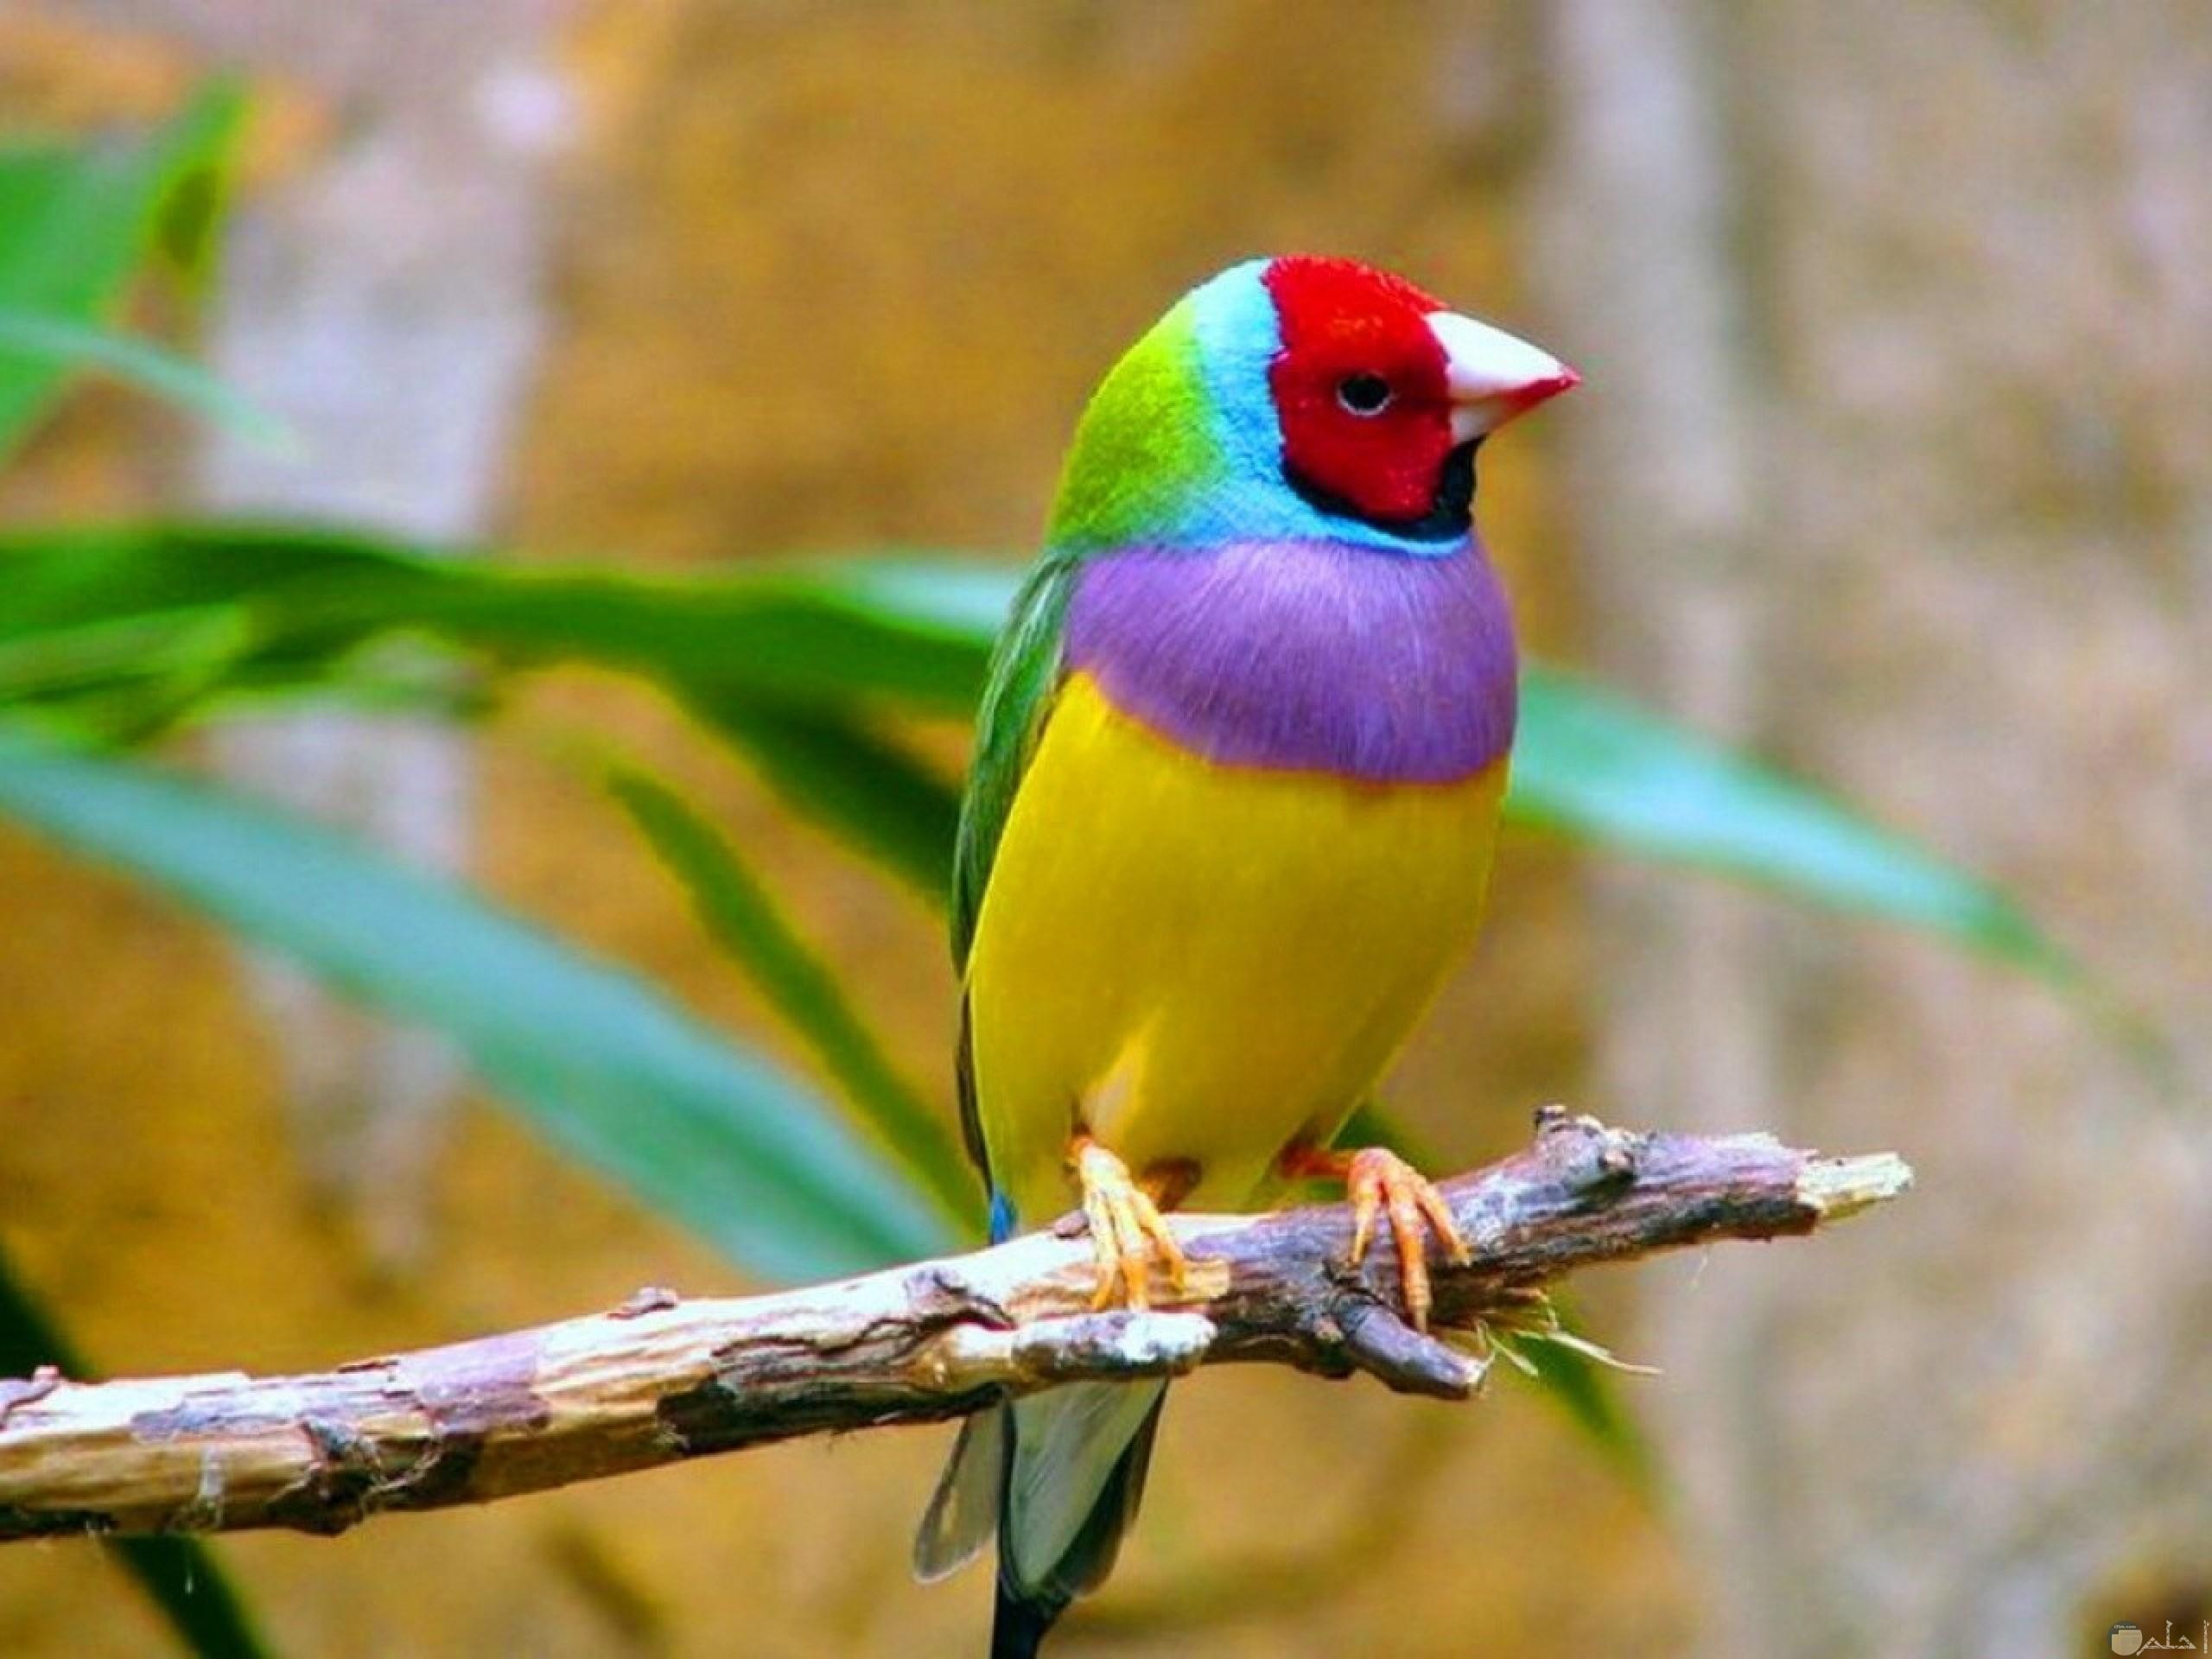 طائر جميل يتميز بالوانه المبهجة والجذابة